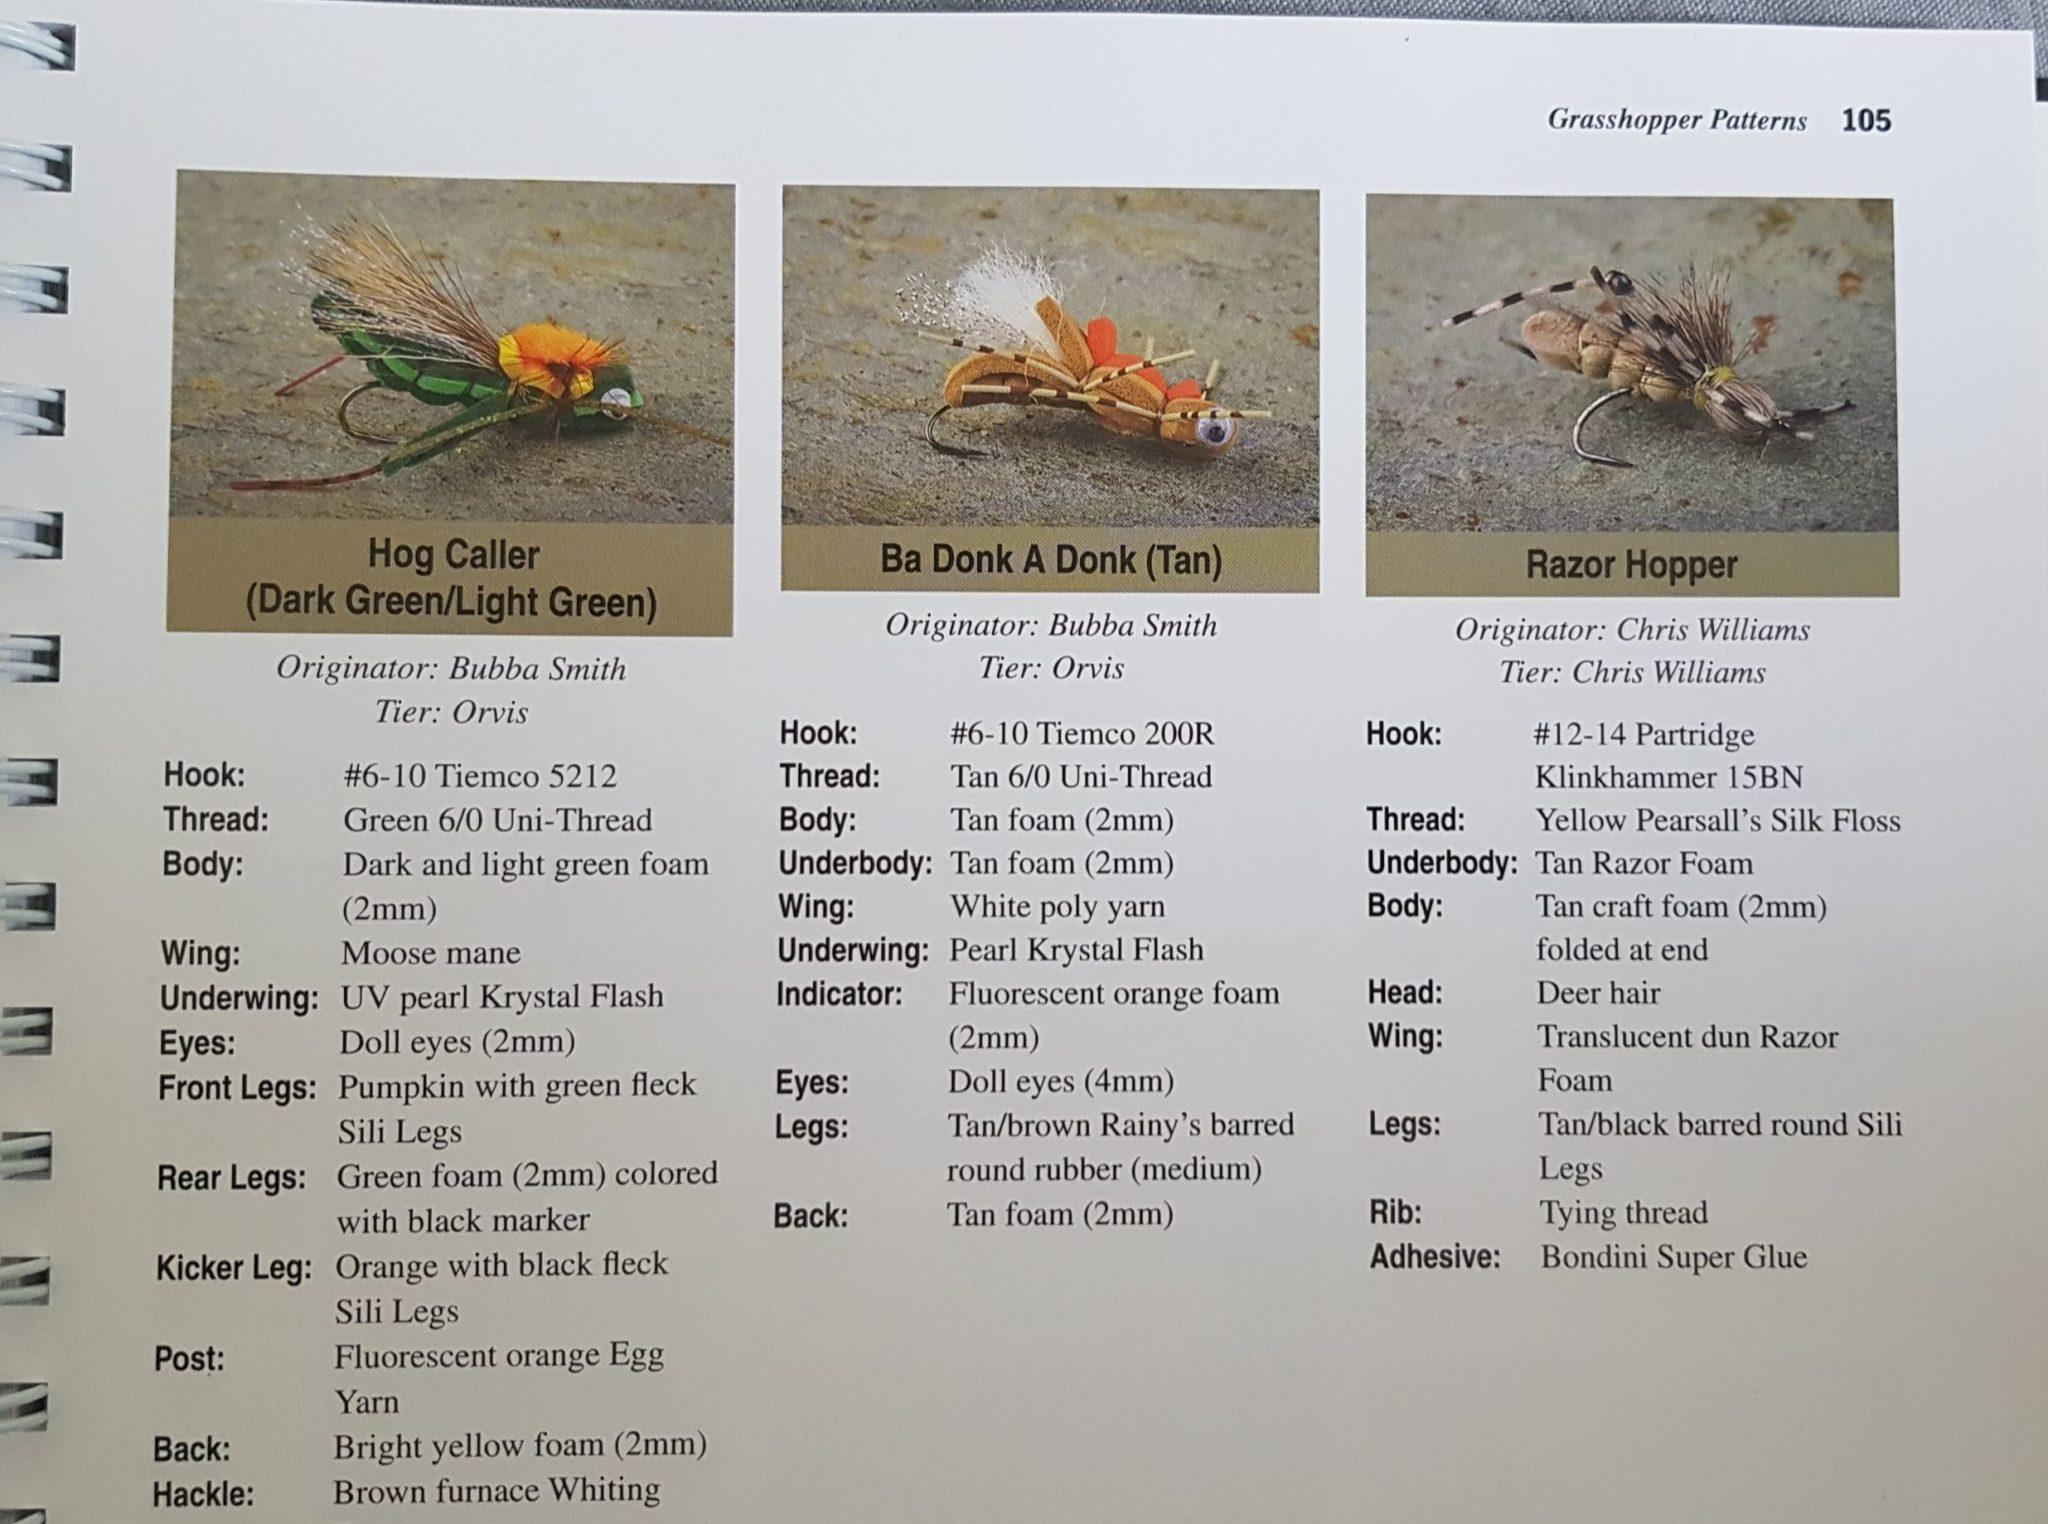 livre terrestre beetle fourmi sauterelle criquet grillon cicadelle guepe abeille tipule chenille papillon extrait